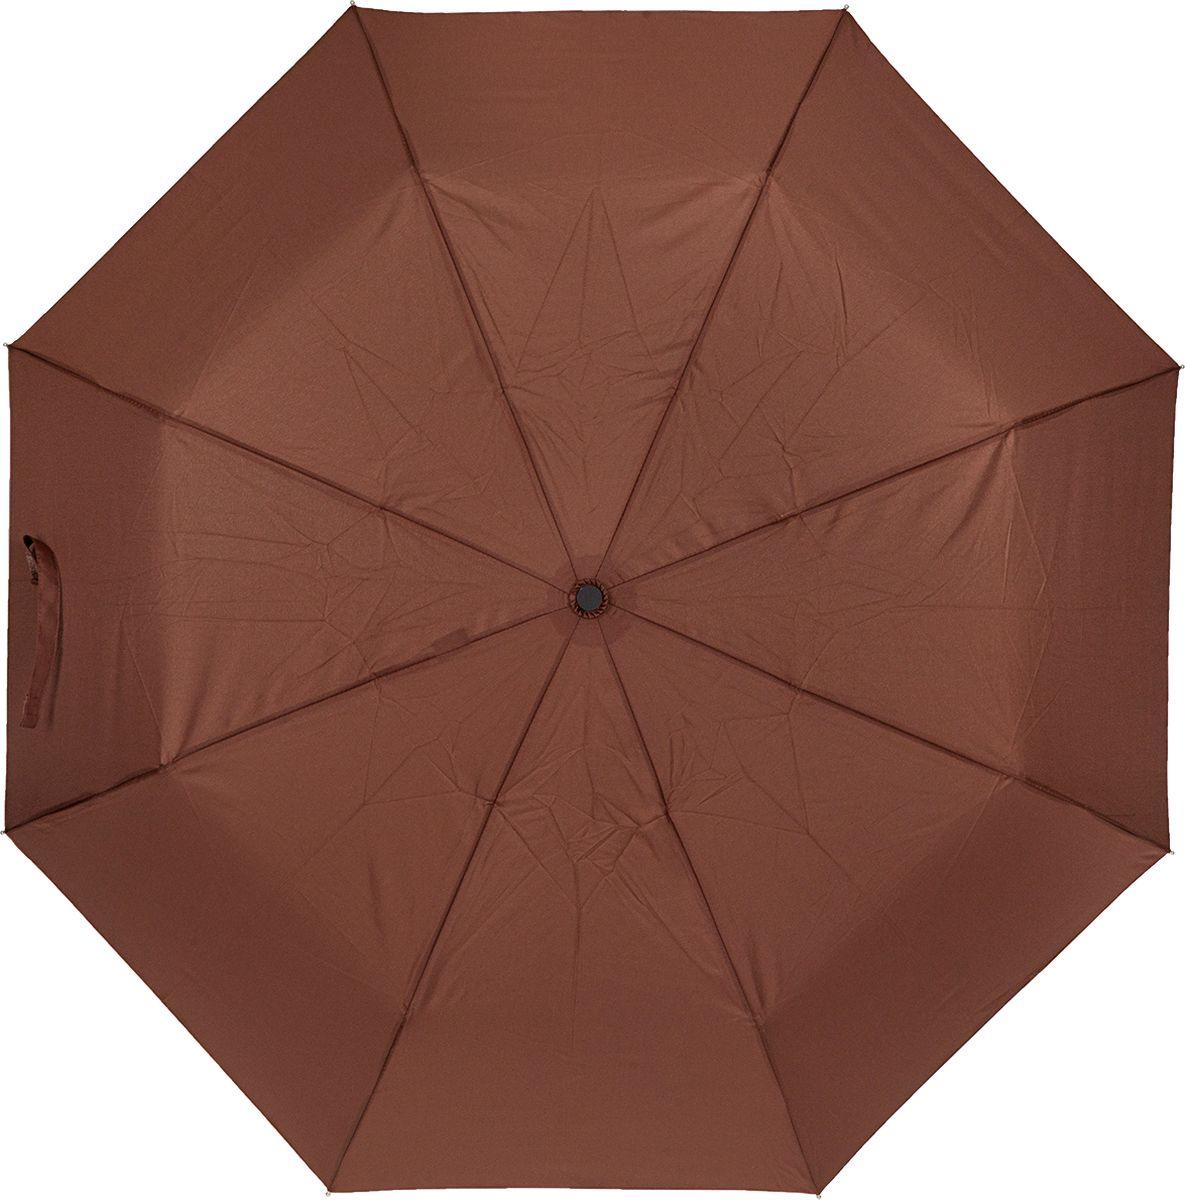 Зонт женский Labbra, цвет: коричневый. A3-05-LT200Колье (короткие одноярусные бусы)Женский зонт-автомат торговой марки LABBRA с проявляющимся рисунком. Изображение на зонте начинает проявляться, как только ткань купола намокает, при высыхании рисунок тускнеет и исчезает. Купол: 100% полиэстер, эпонж. Материал каркаса: сталь + алюминий + фибергласс. Материал ручки: пластик. Длина изделия - 29 см. Диаметр купола - 105 см.